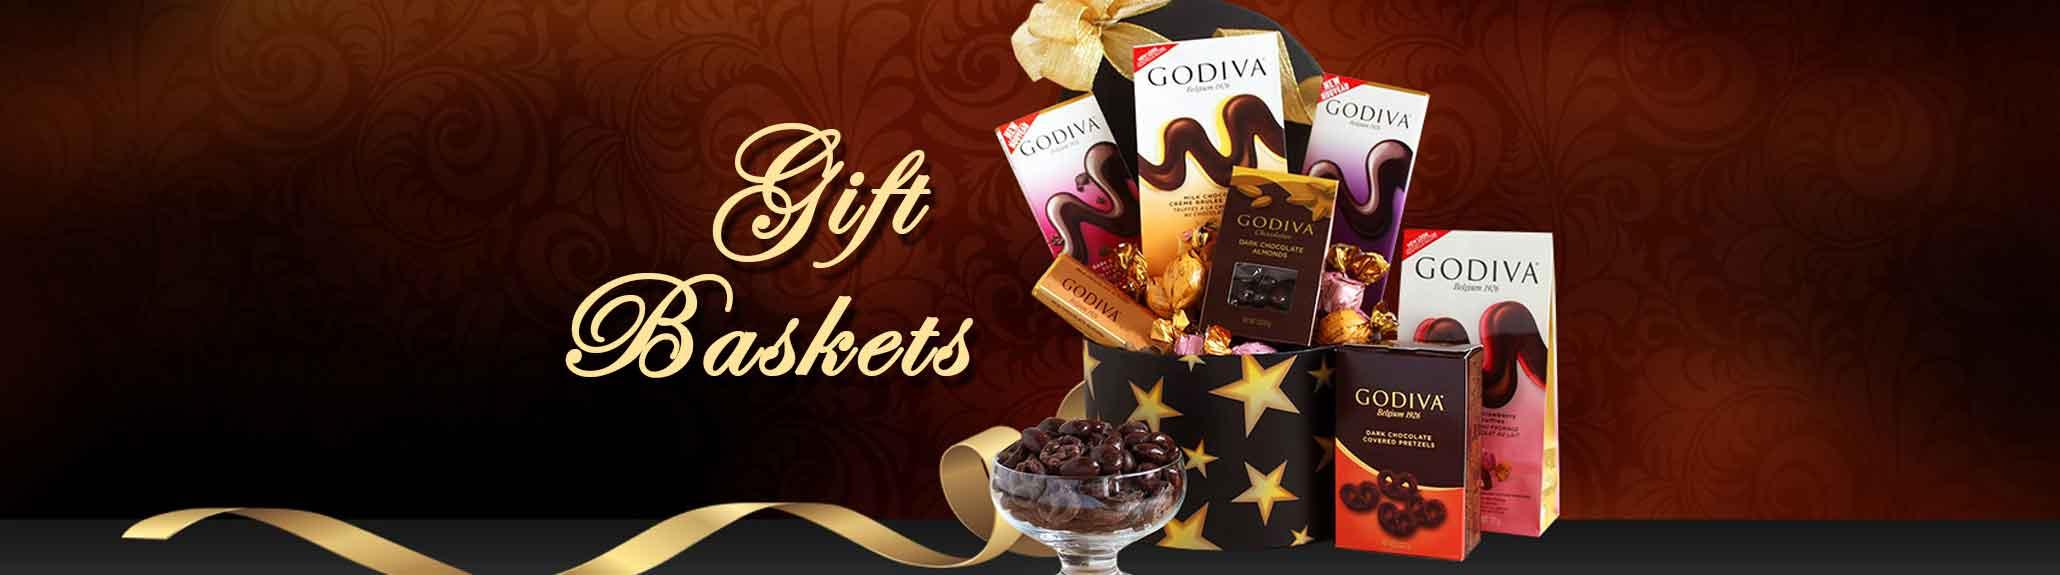 basket-godiva-banner-gift.jpg